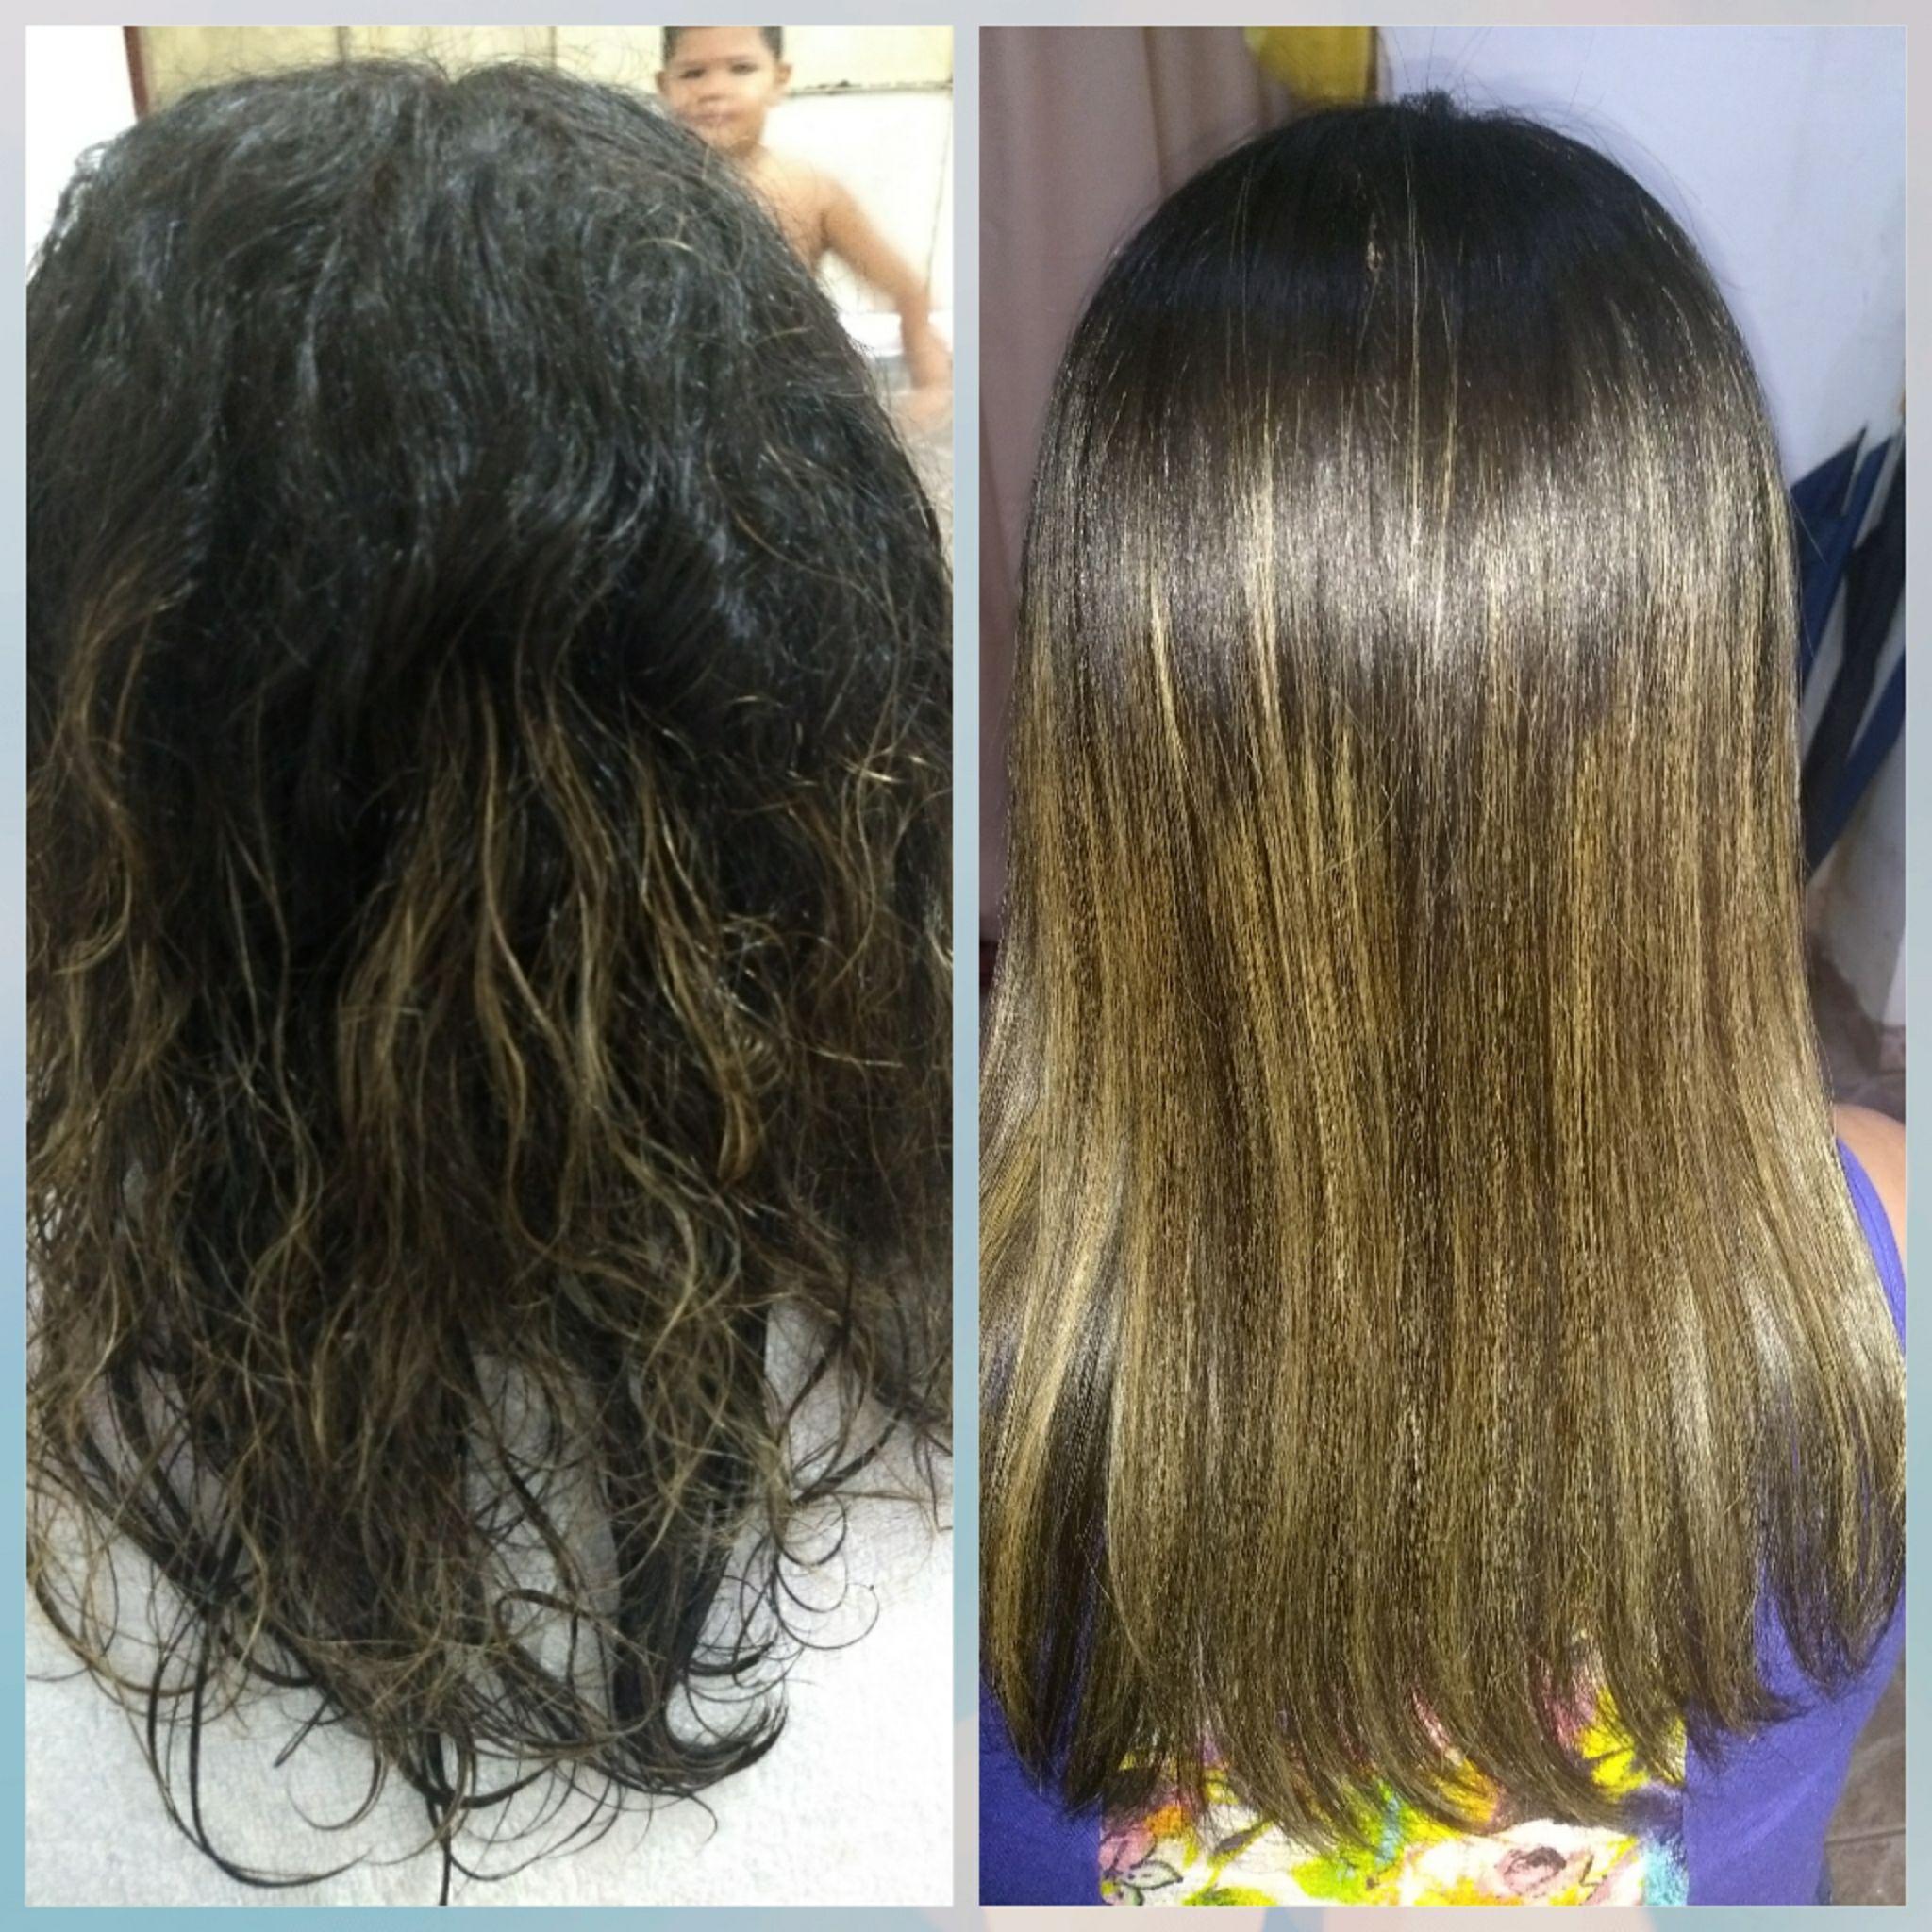 cabelo manicure e pedicure cabeleireiro(a) cabeleireiro(a) cabeleireiro(a)